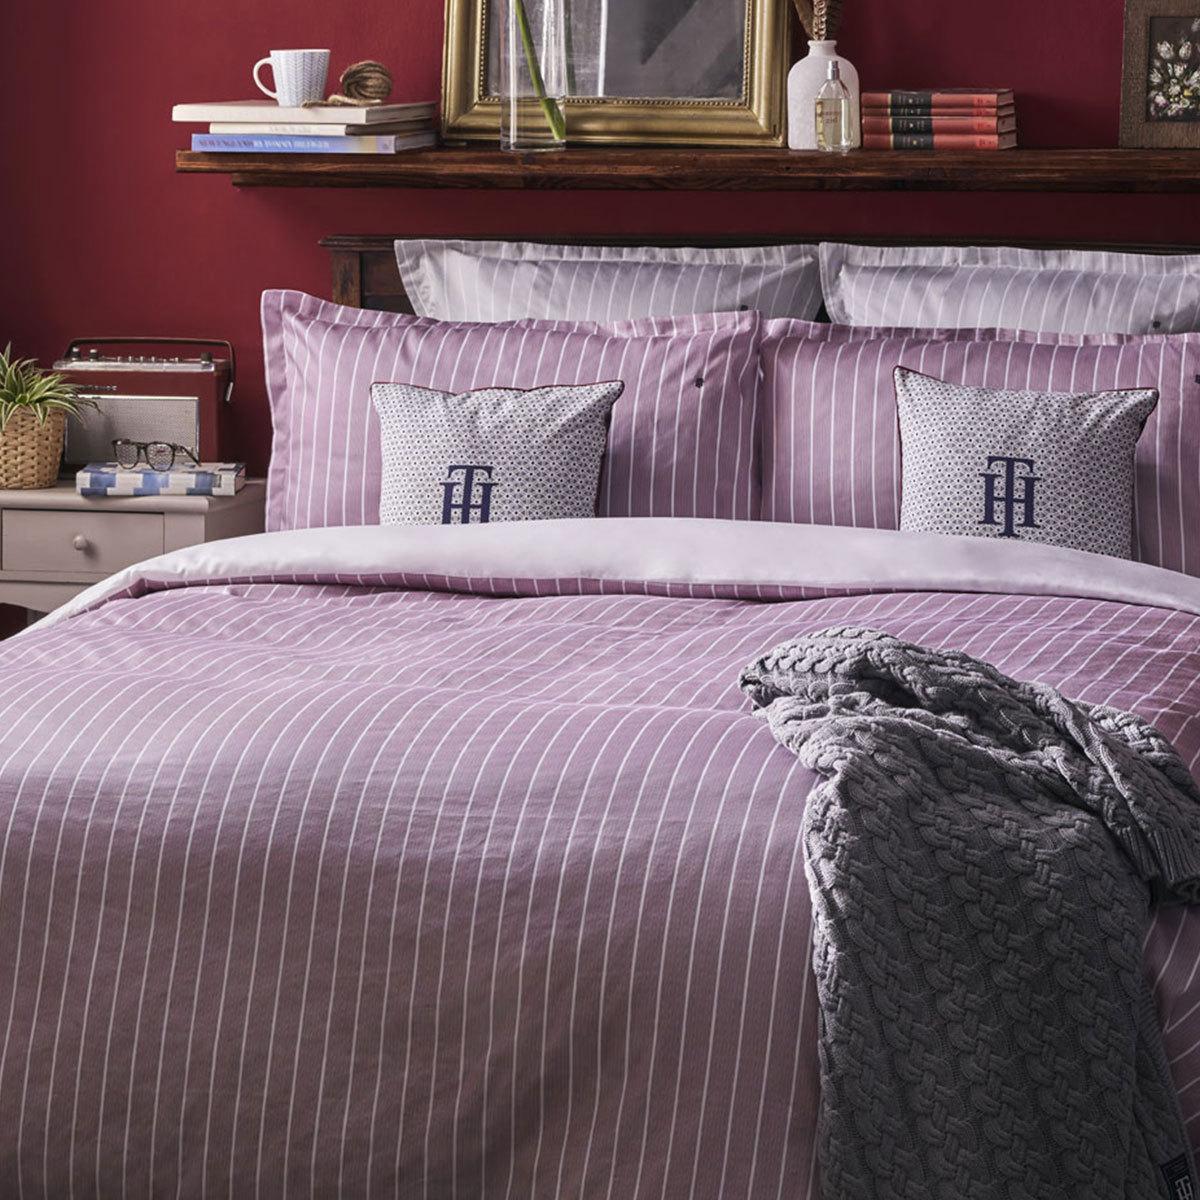 tommy hilfiger mako satin bettw sche gestreift bordeaux g nstig online kaufen bei bettwaren shop. Black Bedroom Furniture Sets. Home Design Ideas